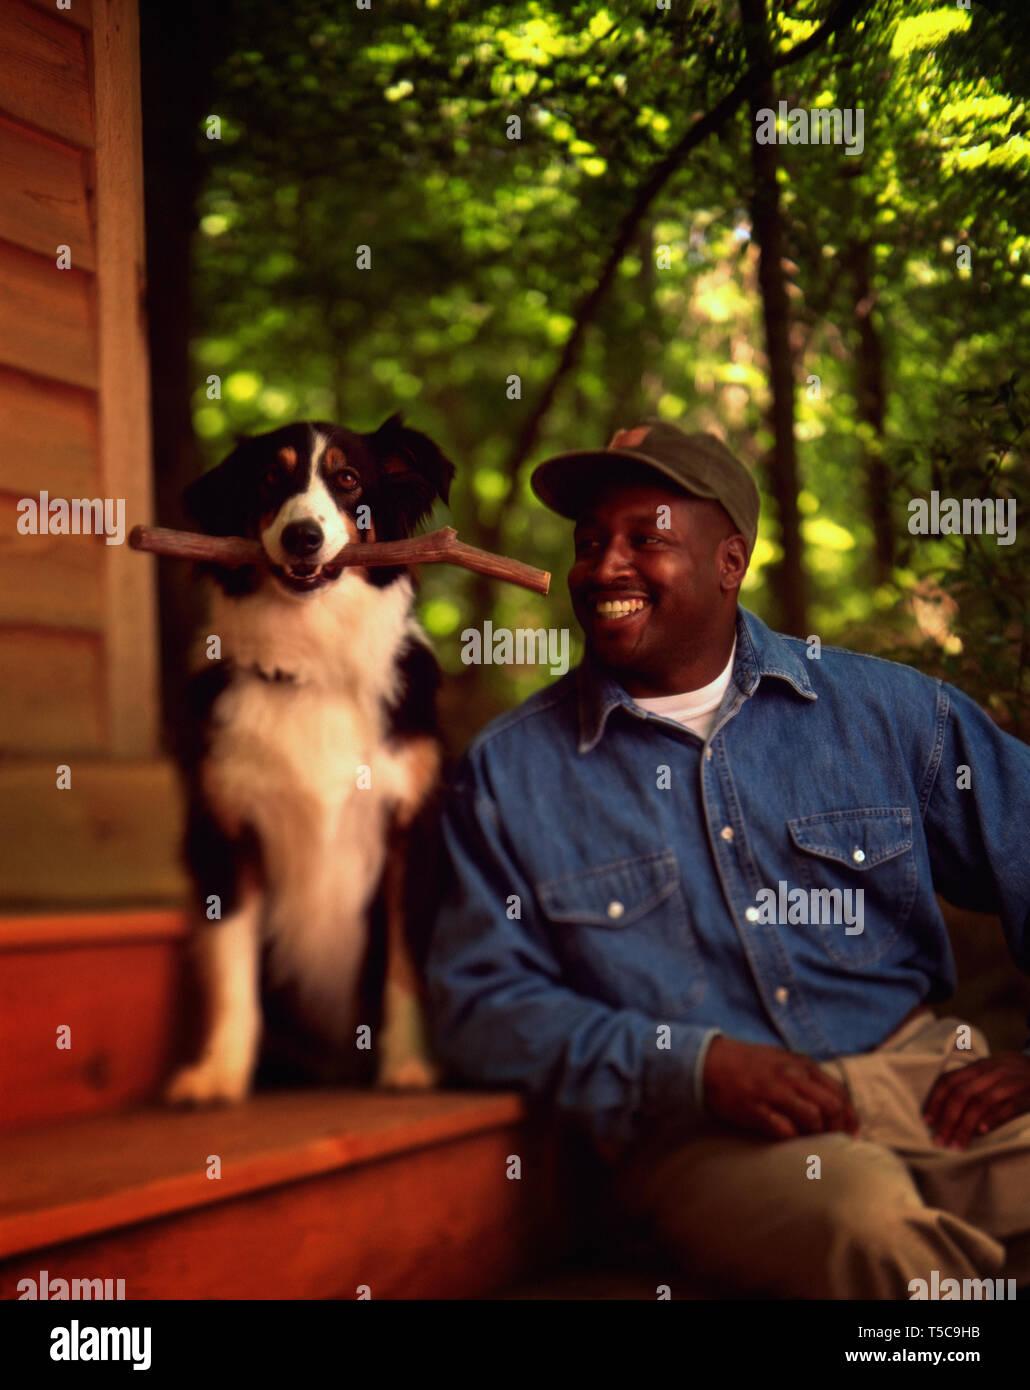 a mans best friend - Stock Image